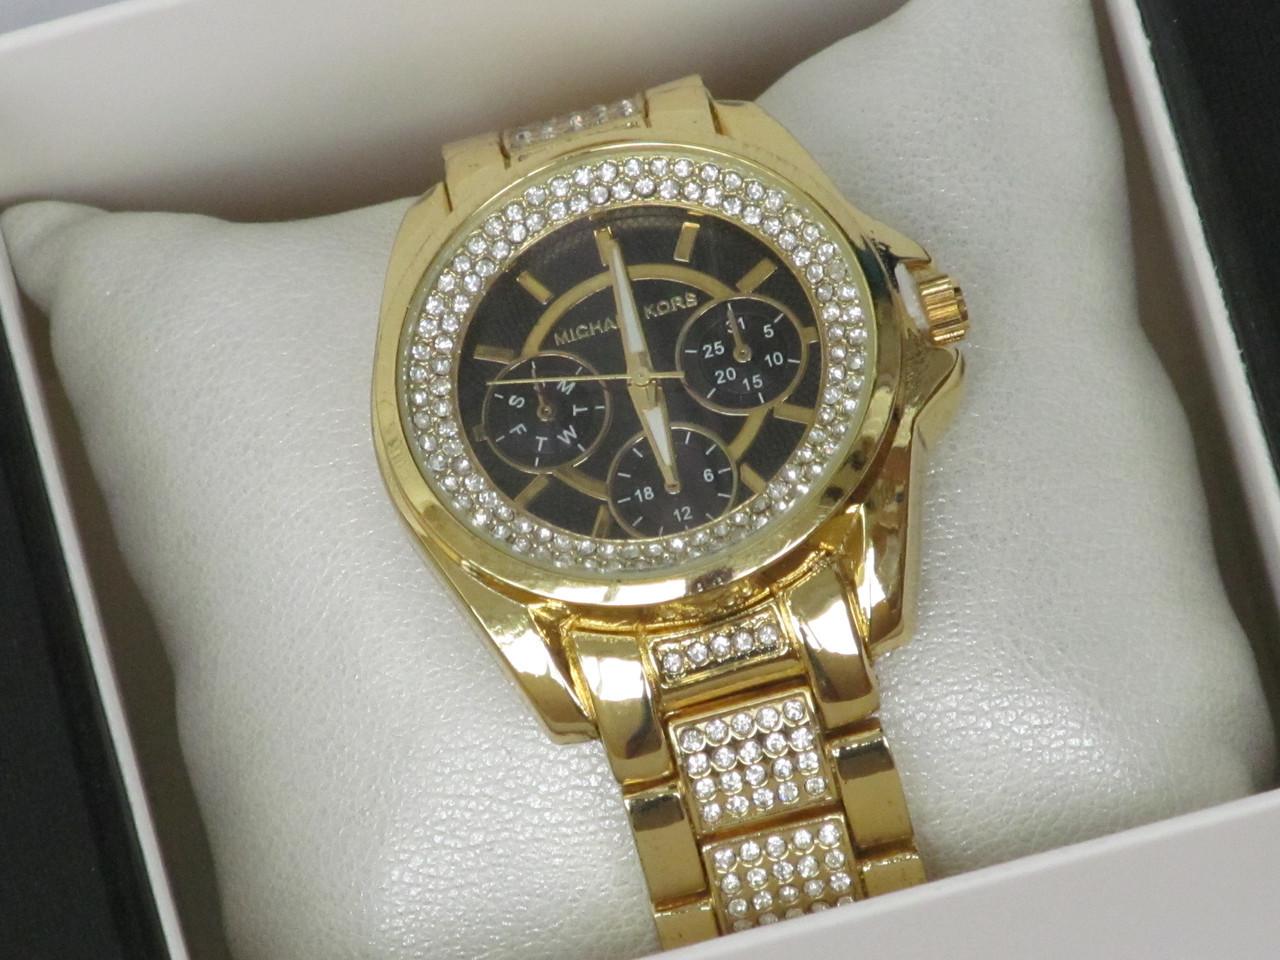 Женские наручные часы Mісhаеl Коrs золотистые, Майкл Корс  ( код: IBW047YB )